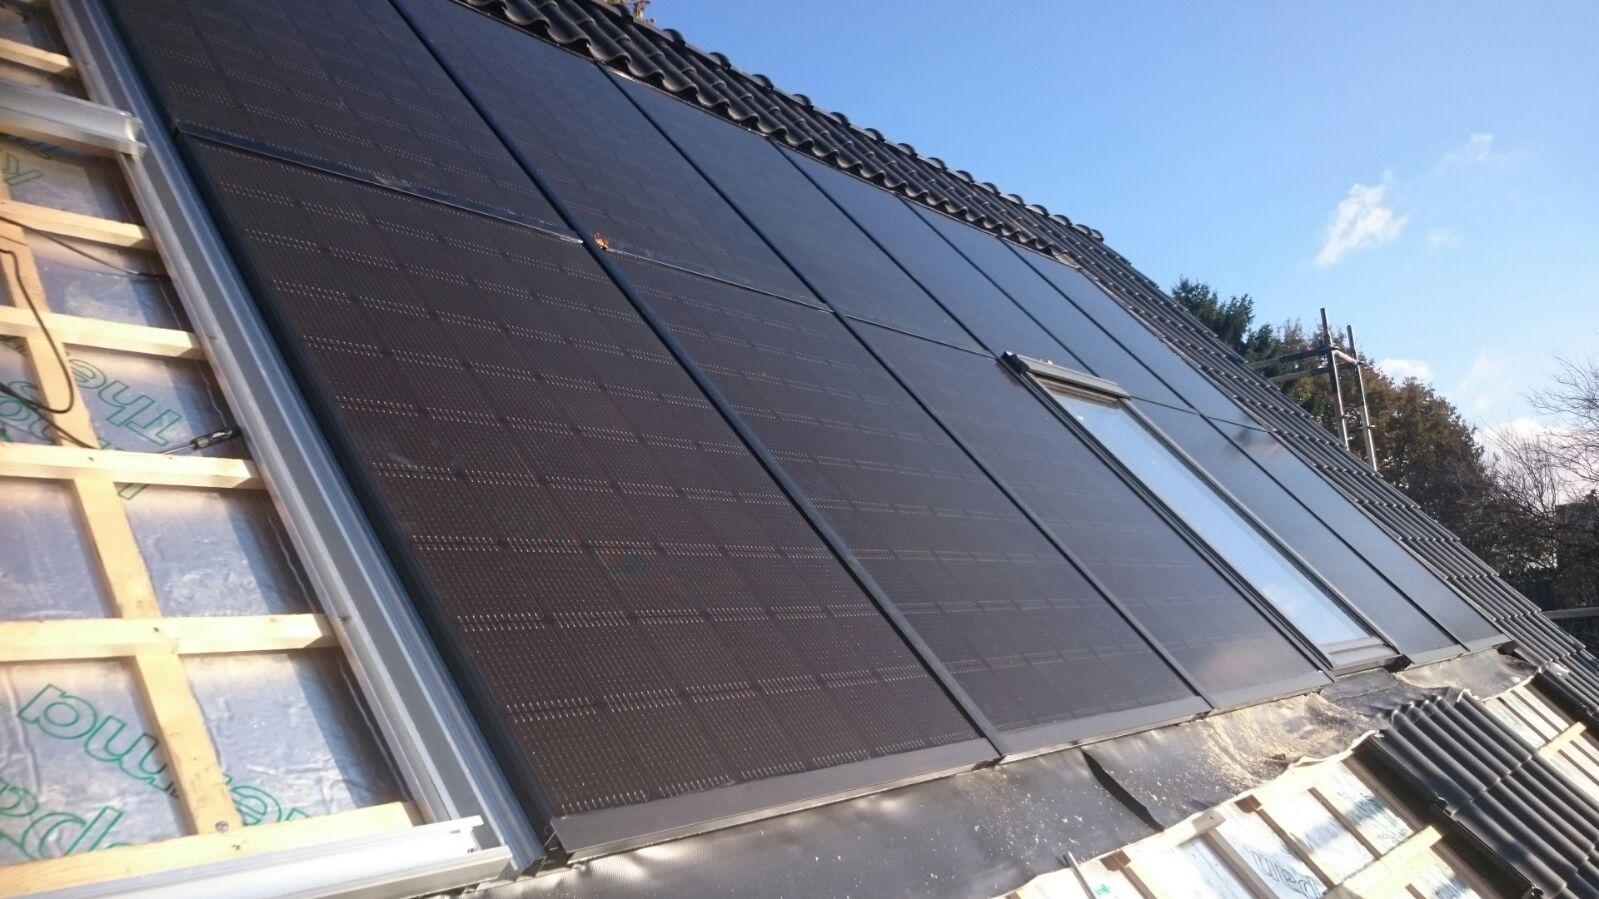 indak-zonnepanelen-goningen-scx-solar-1